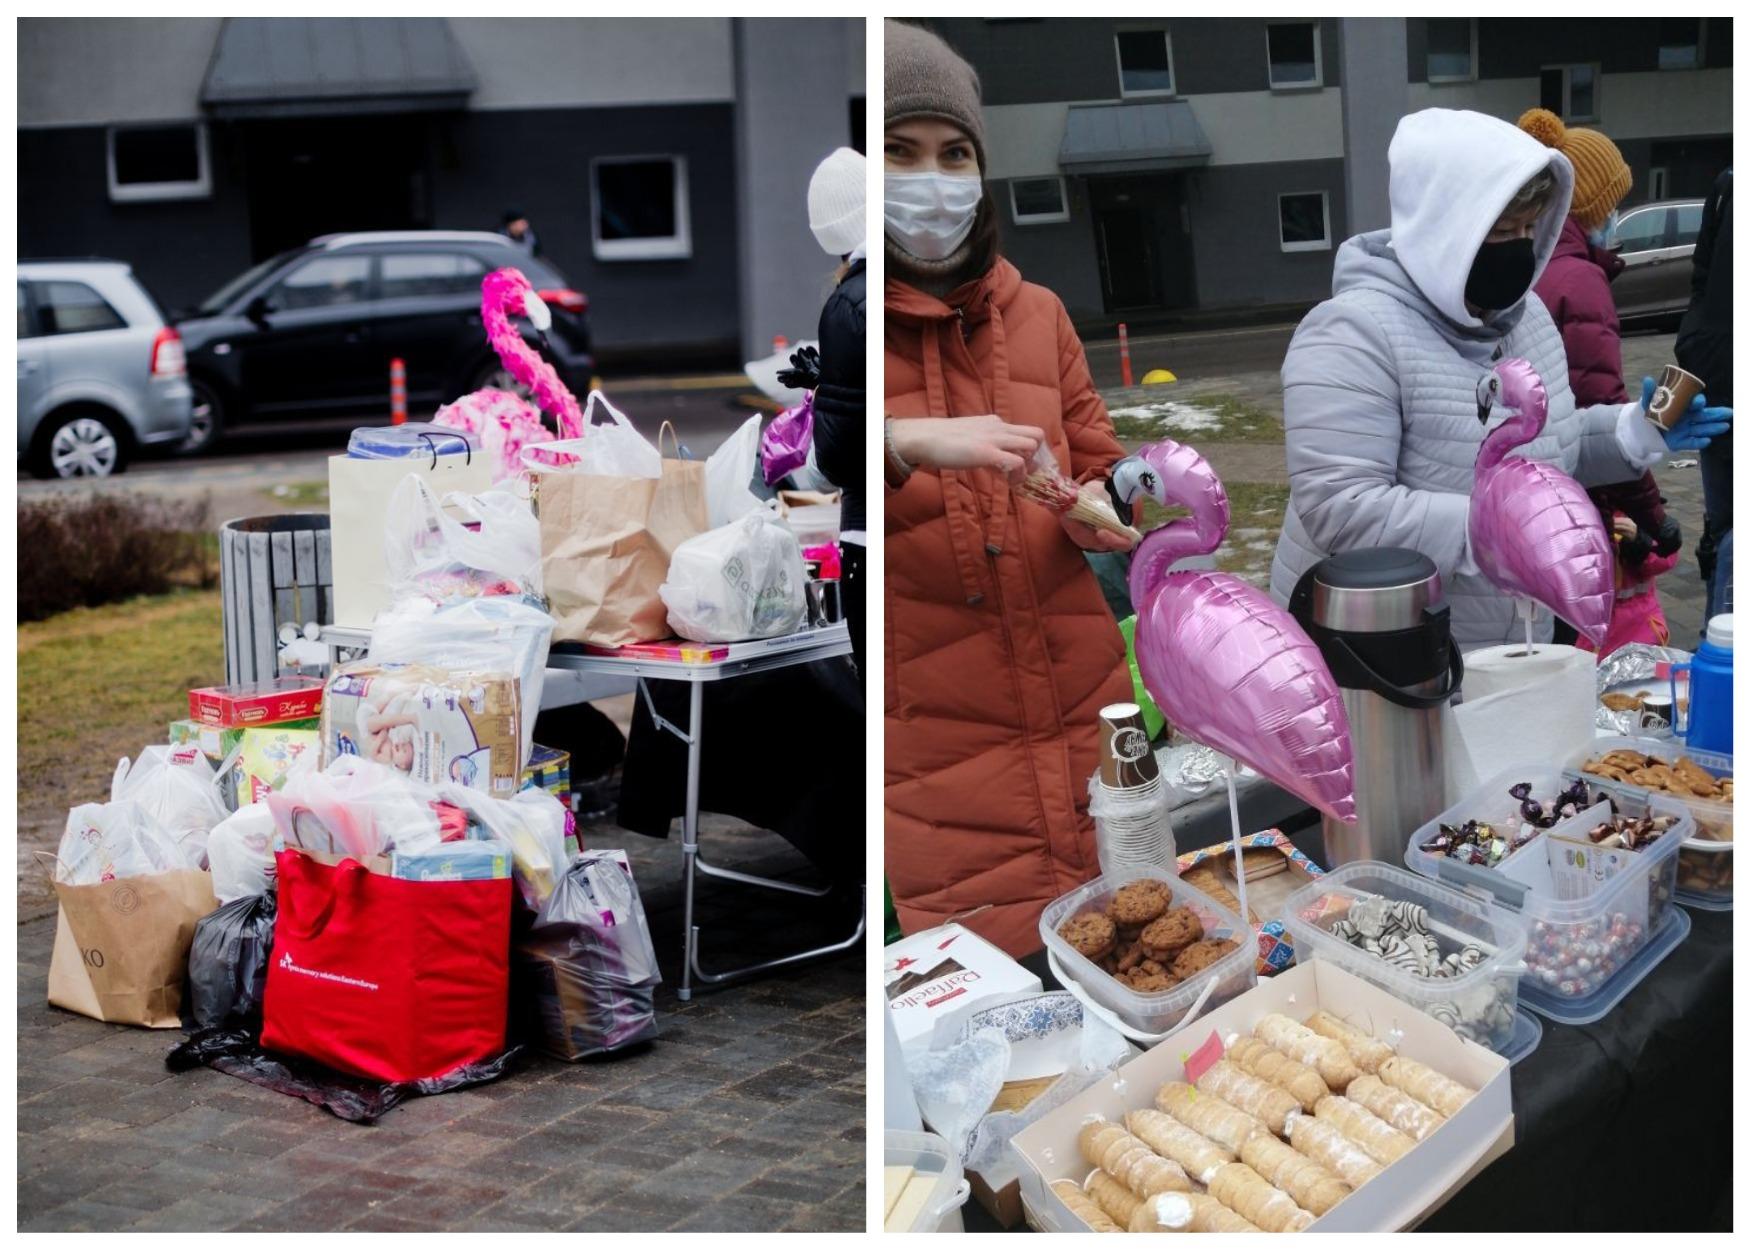 На детском празднике жители собрали подарки для детского онкологического центра (фото слева)